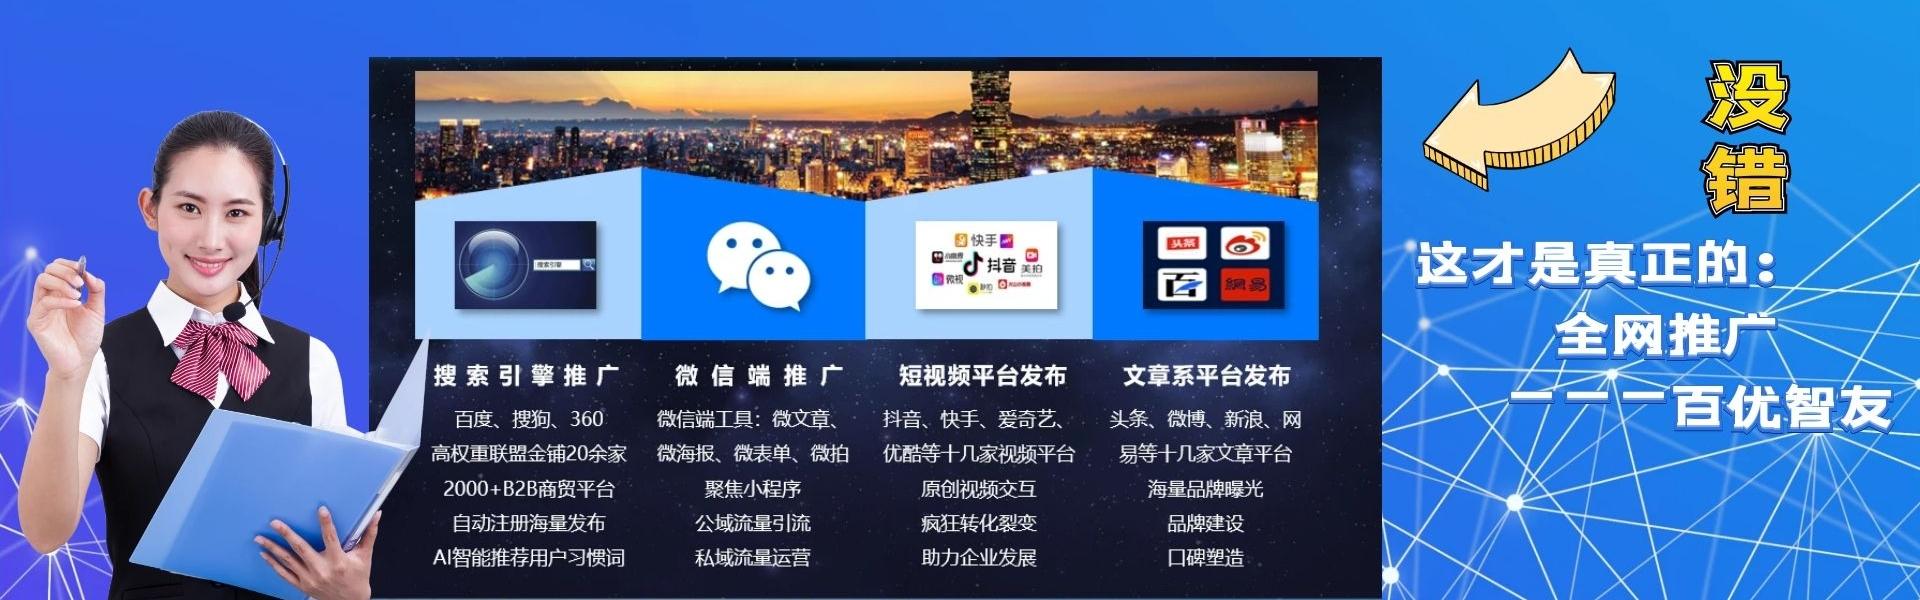 惠州全網推廣